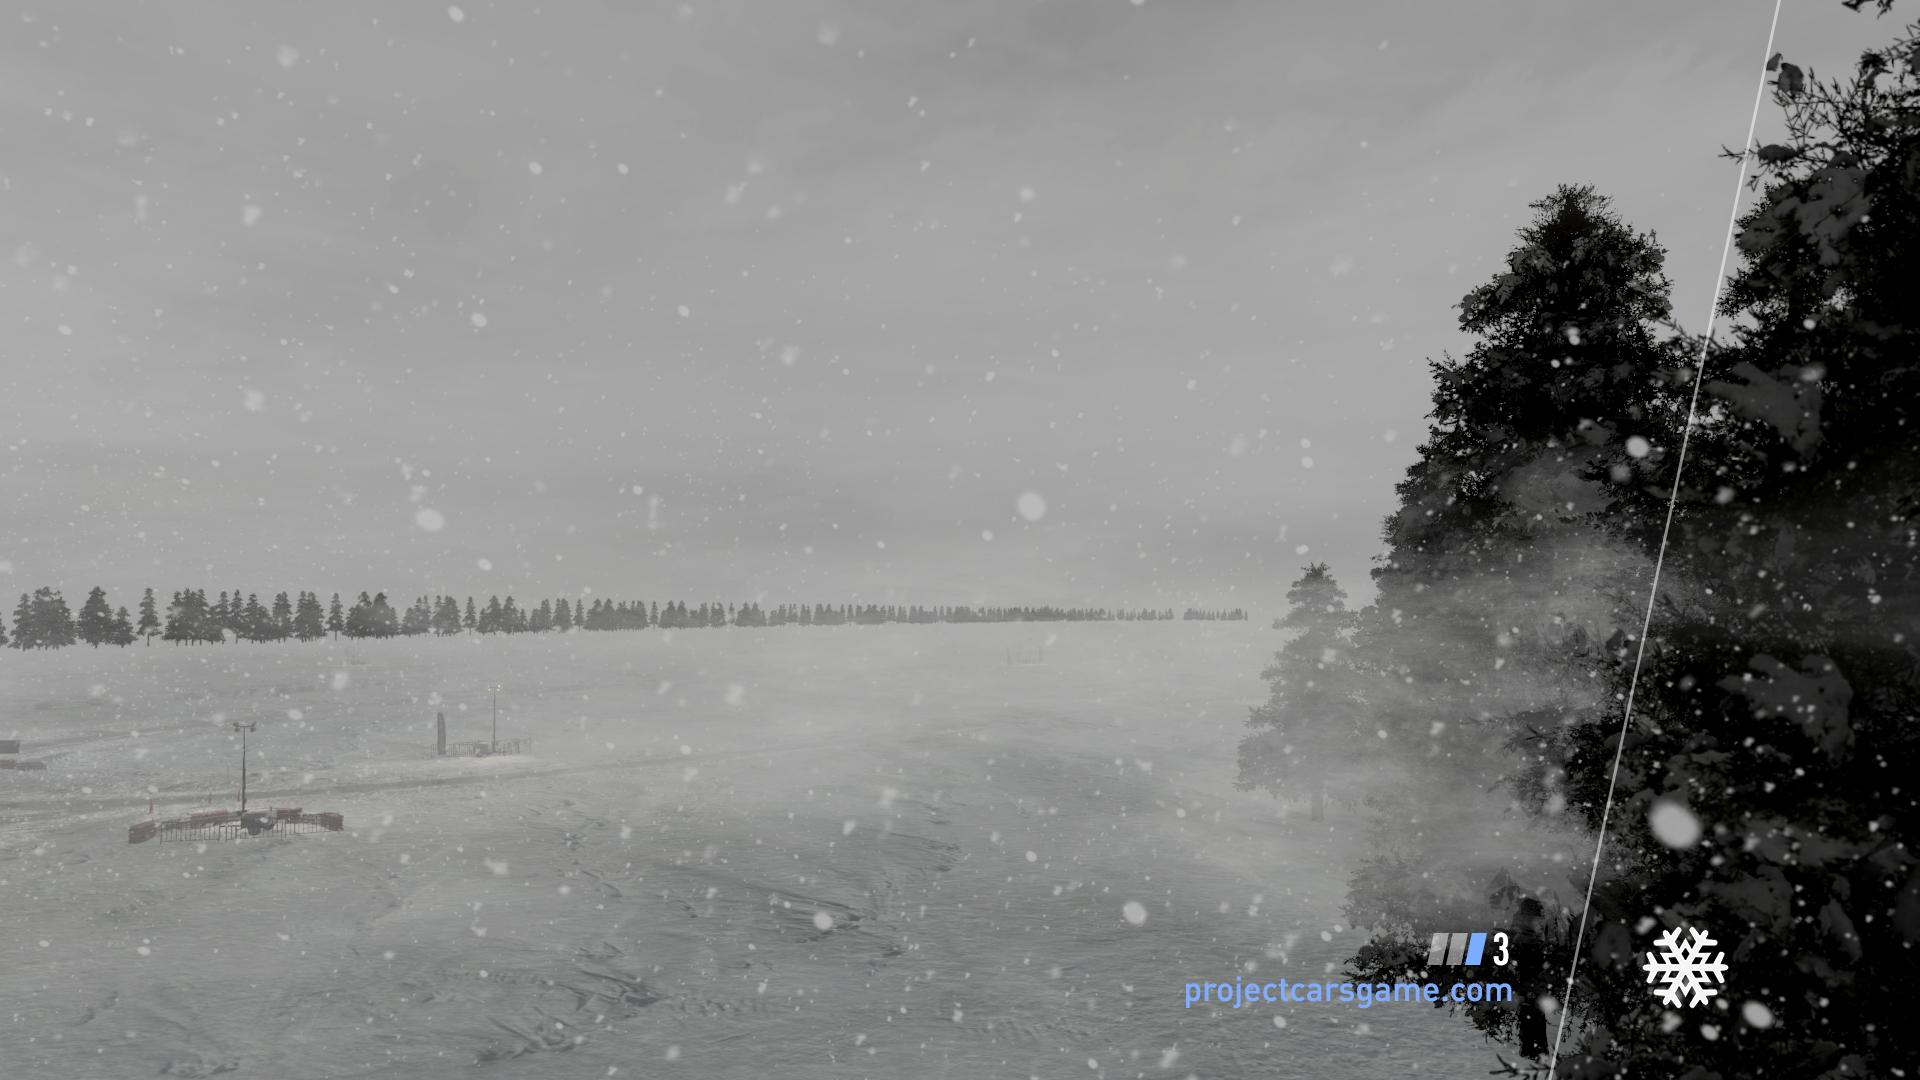 Oficiální obrázky potvrzují různé počasí v Project Cars 2 138002